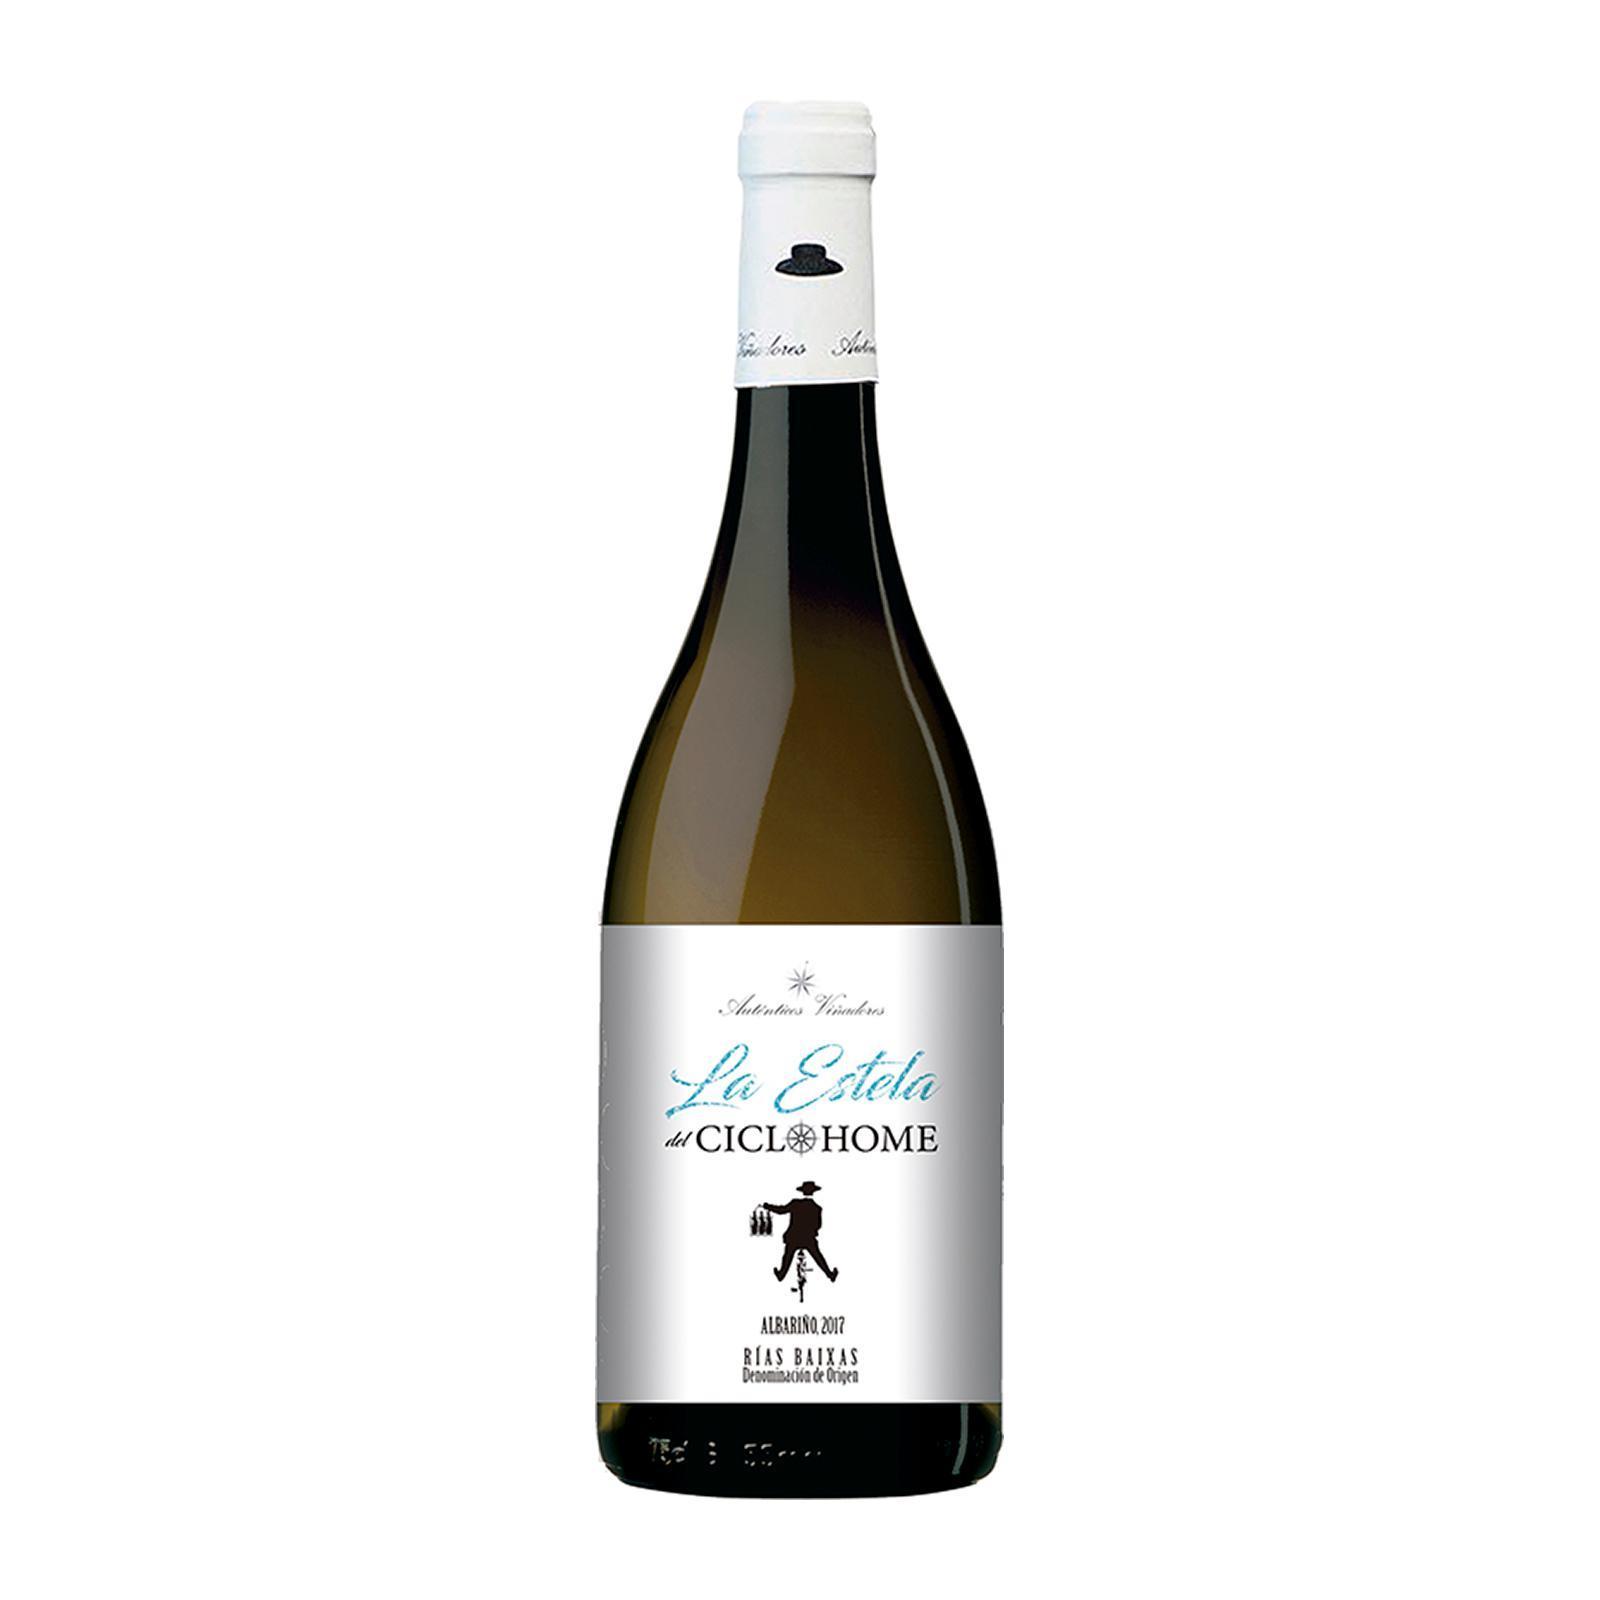 Autenticos Vinadores La Estela del Ciclohome 2017 Spanish Wine - By TANINOS